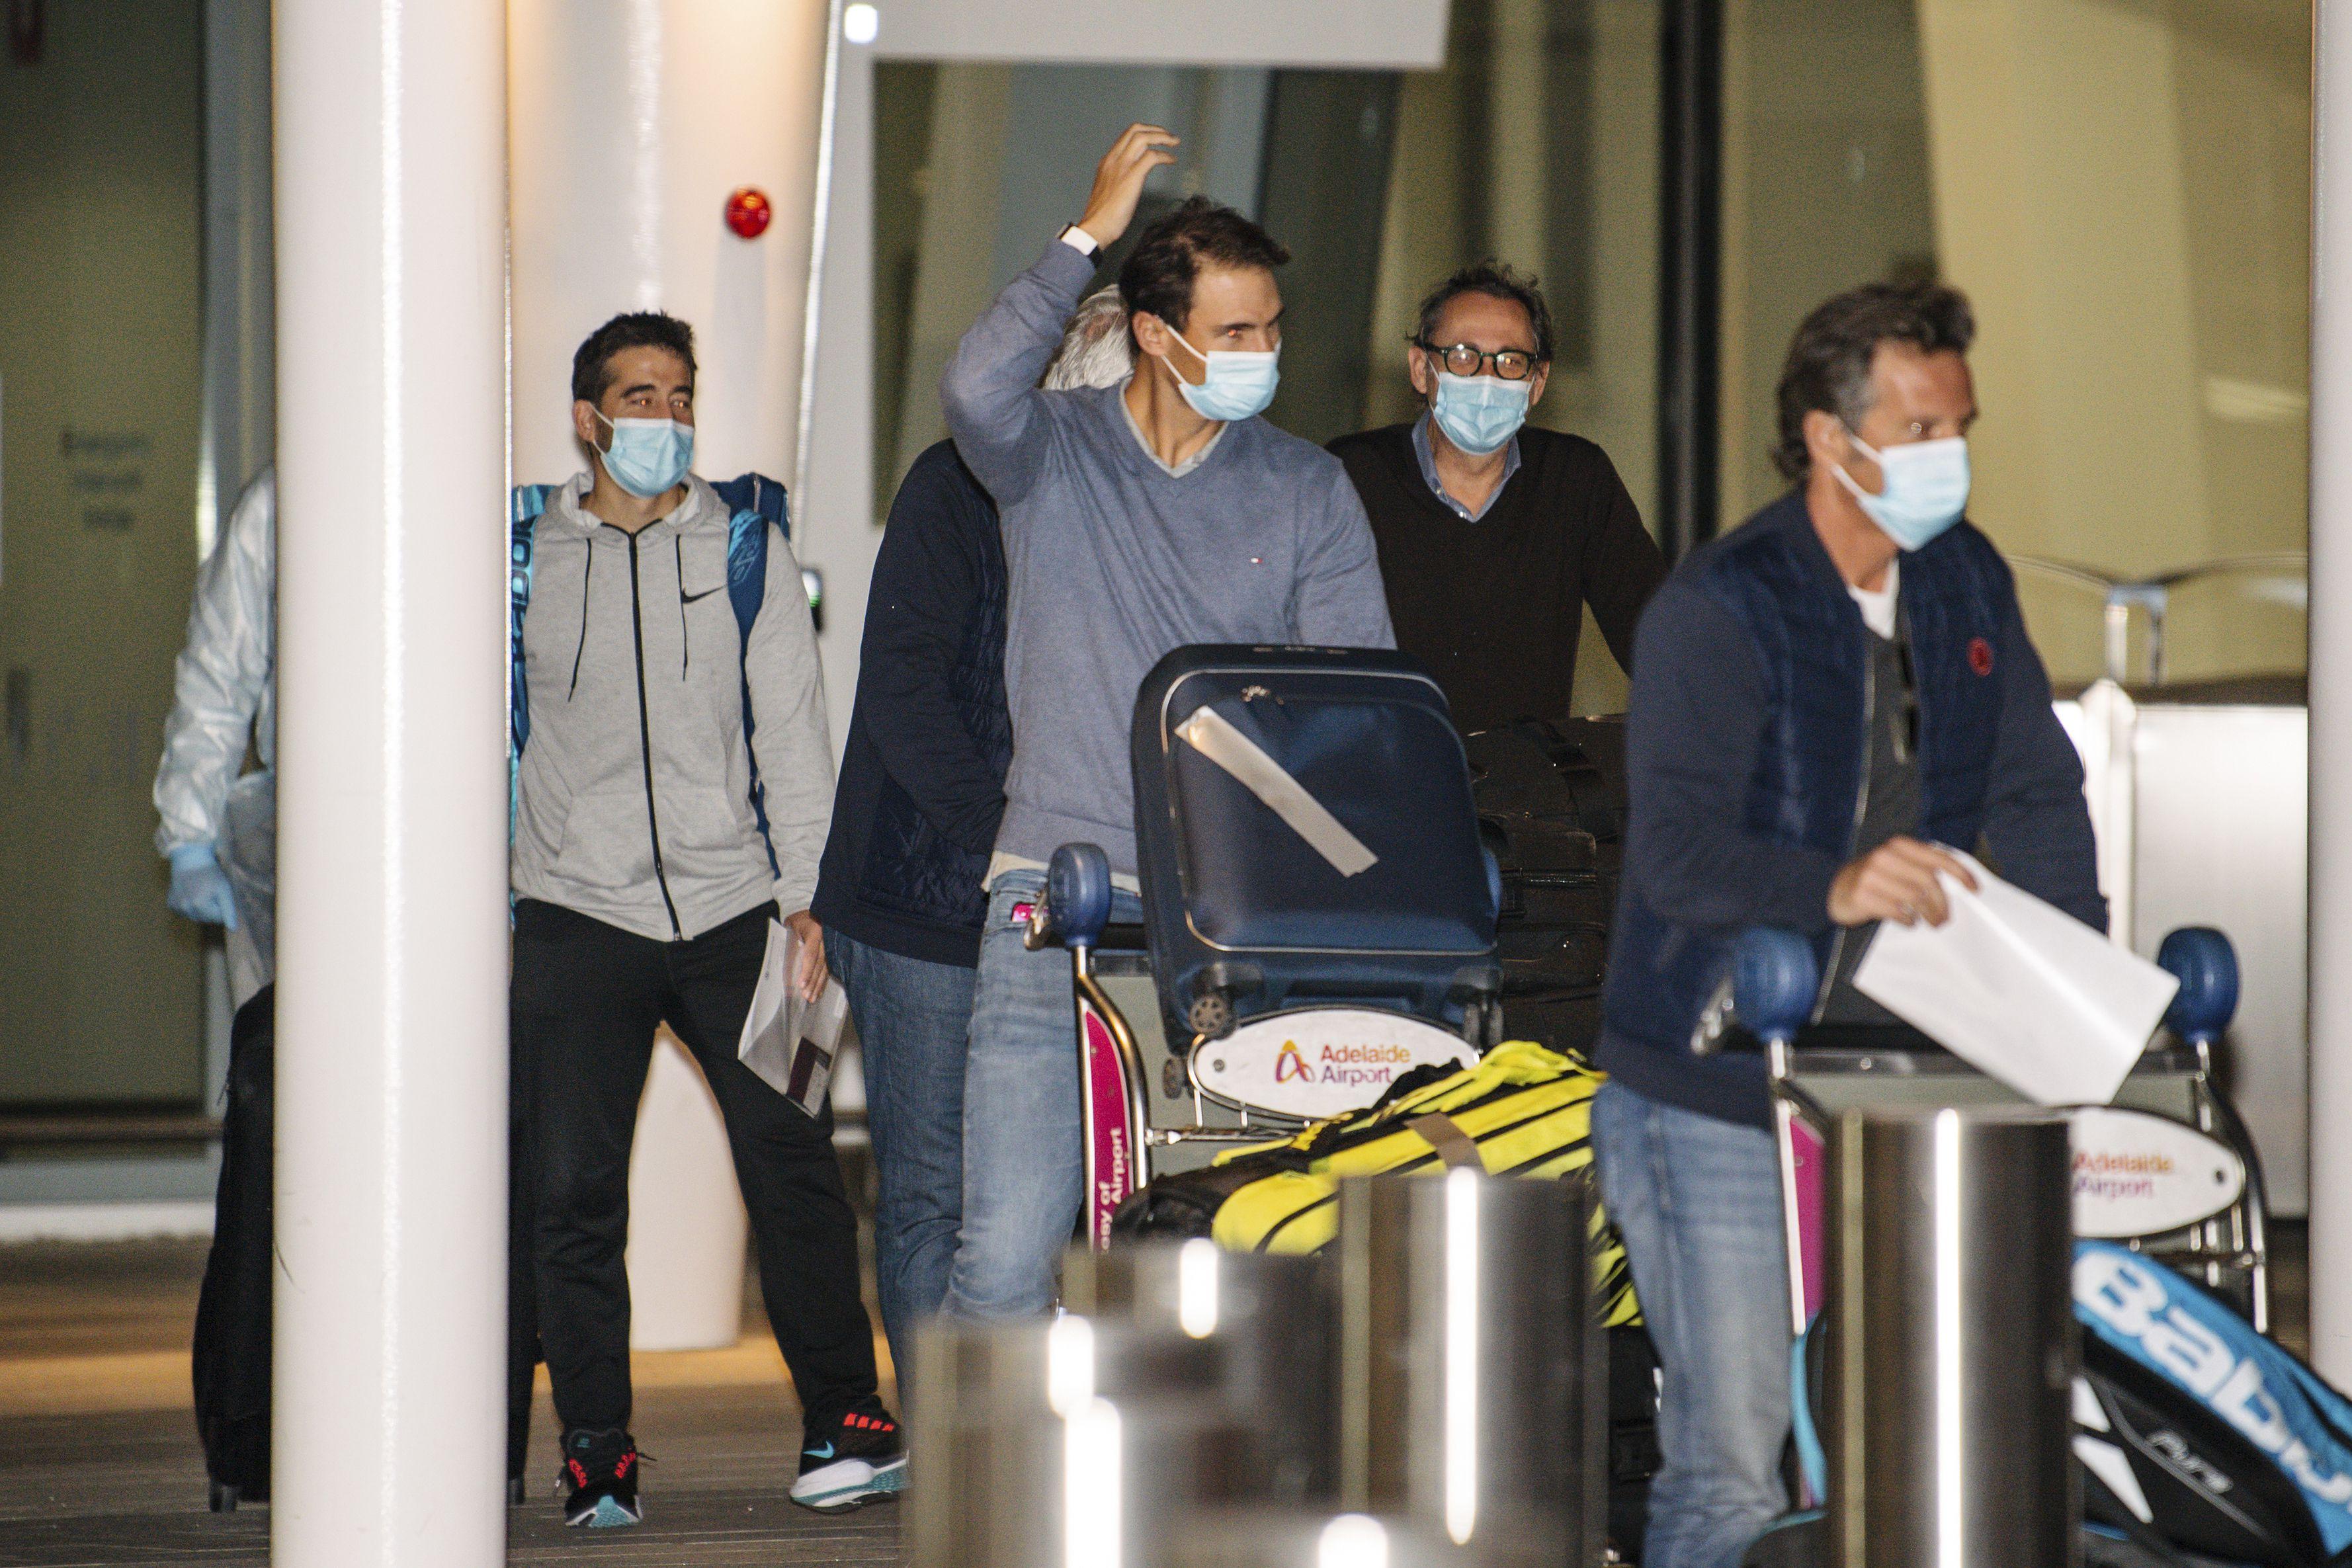 El coronavirus sigue impactando en el Abierto de Australia: se contagiaron dos tenistas y otros 72 siguen aislados